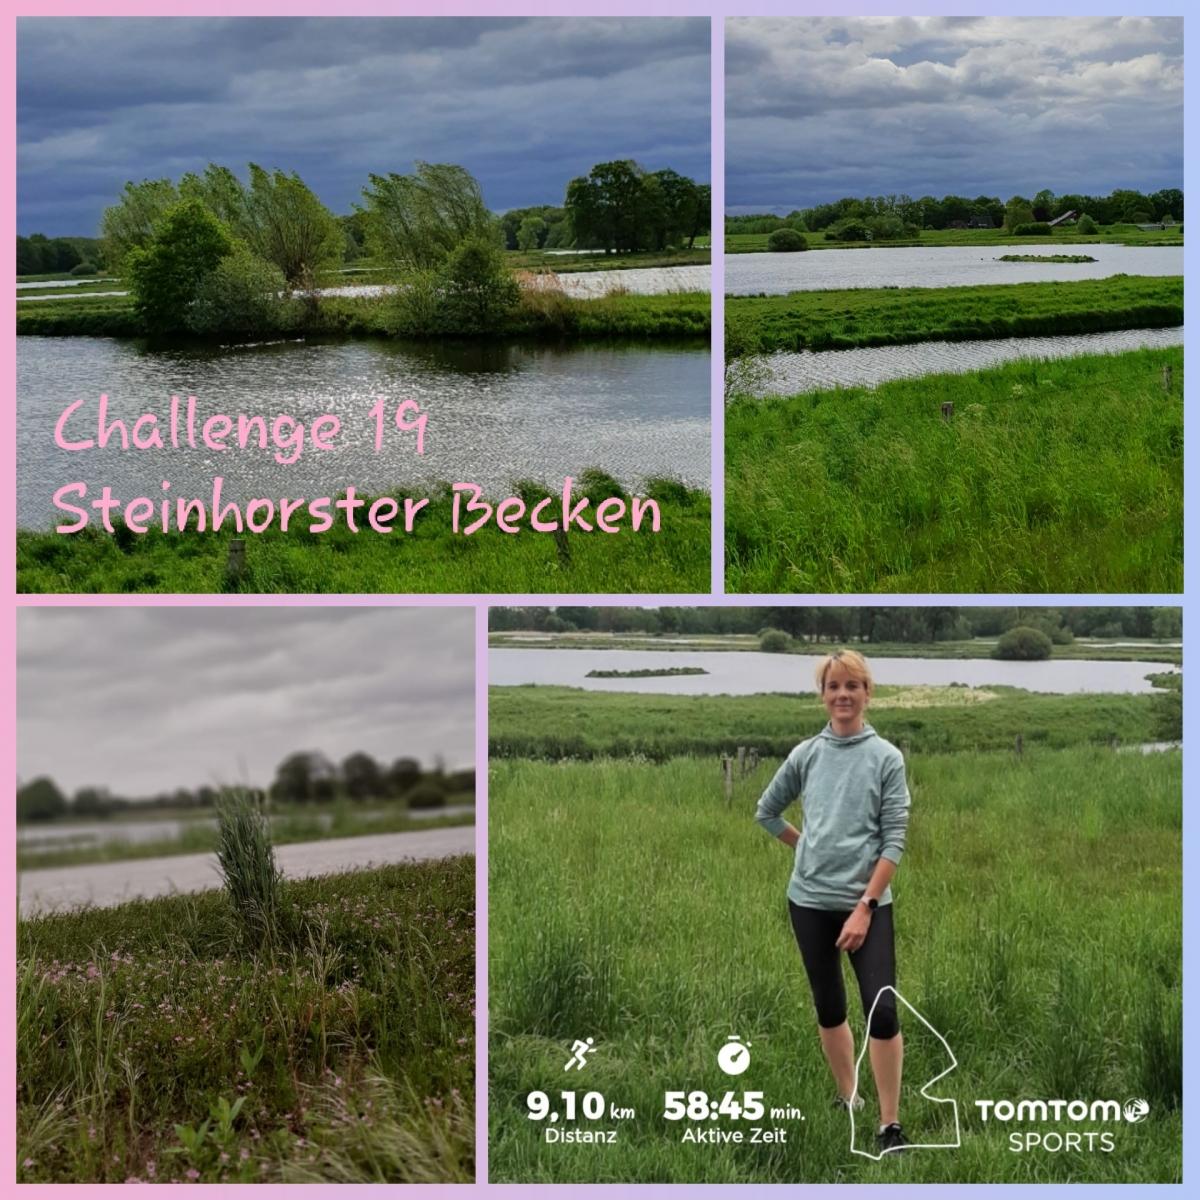 Schlicht-Michaela-19-Challenge-Steinhorster-Becken-CuAr0